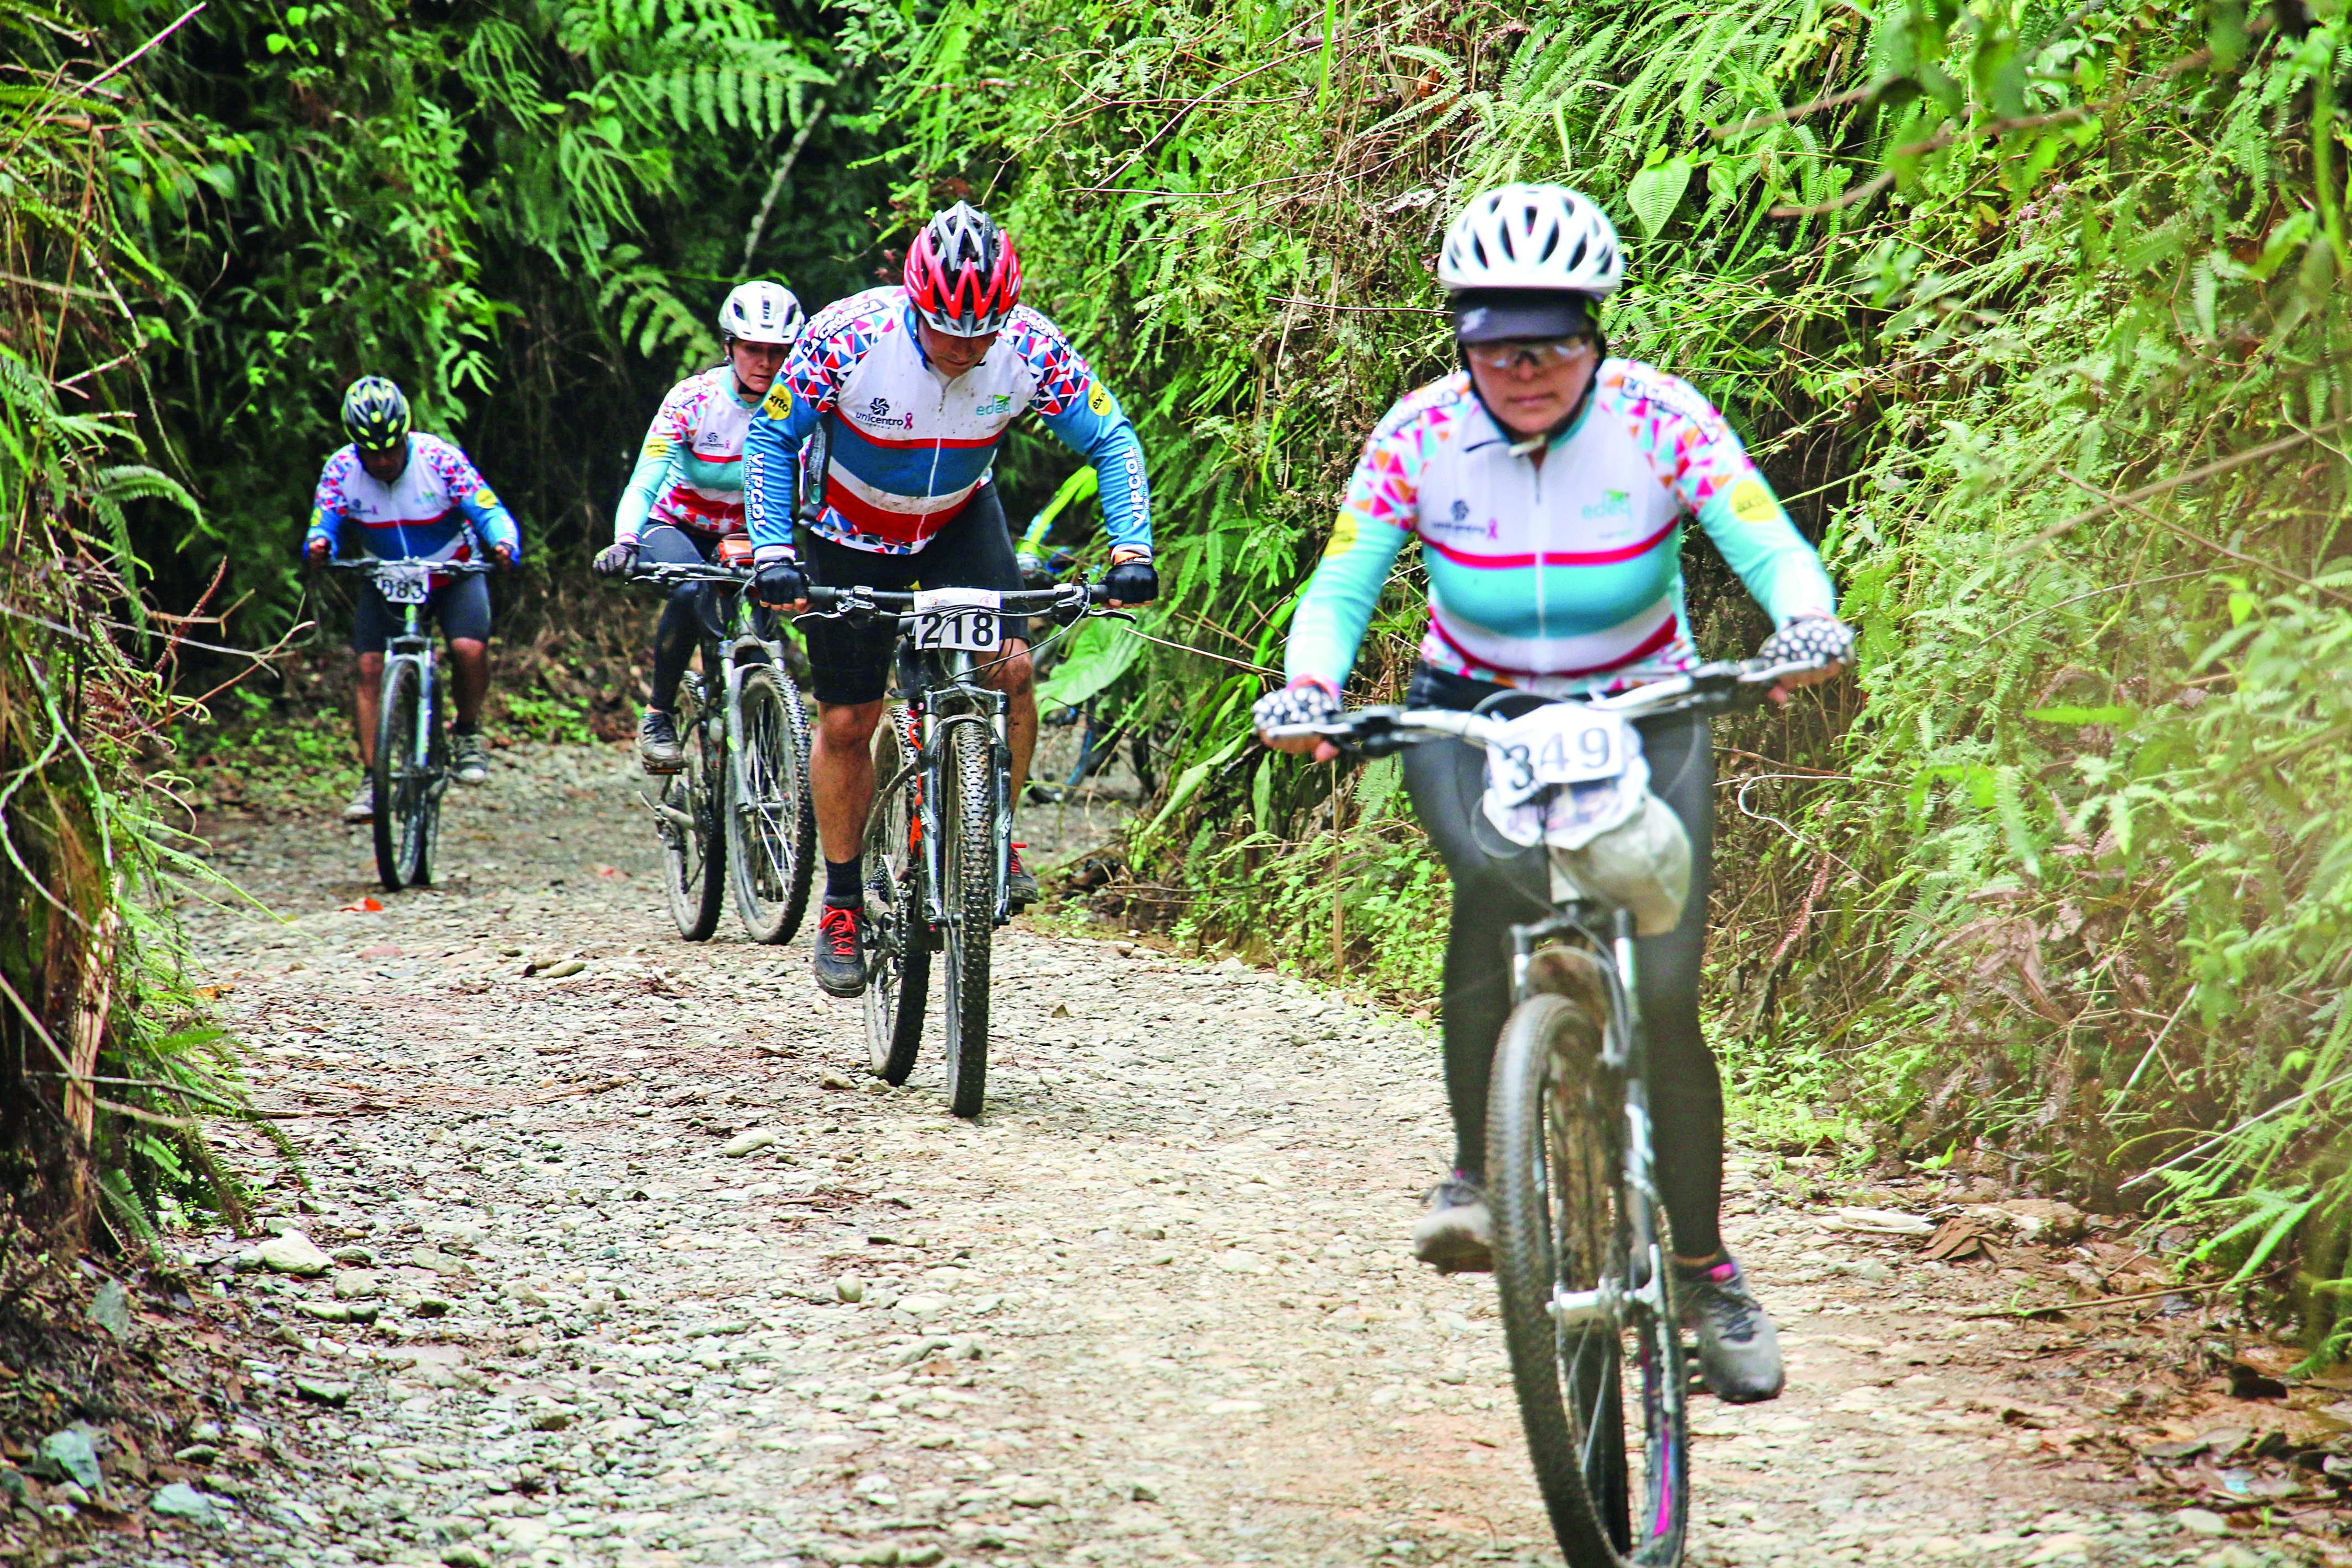 Ciclotravesía de Unicentro, a favor de la fundación Lazo Rosa